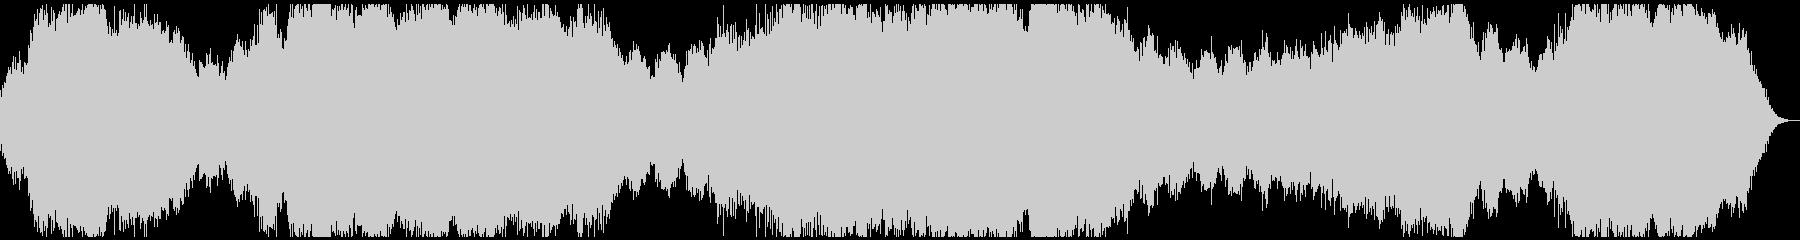 海を抽象化したようなヒーリングBGMの未再生の波形